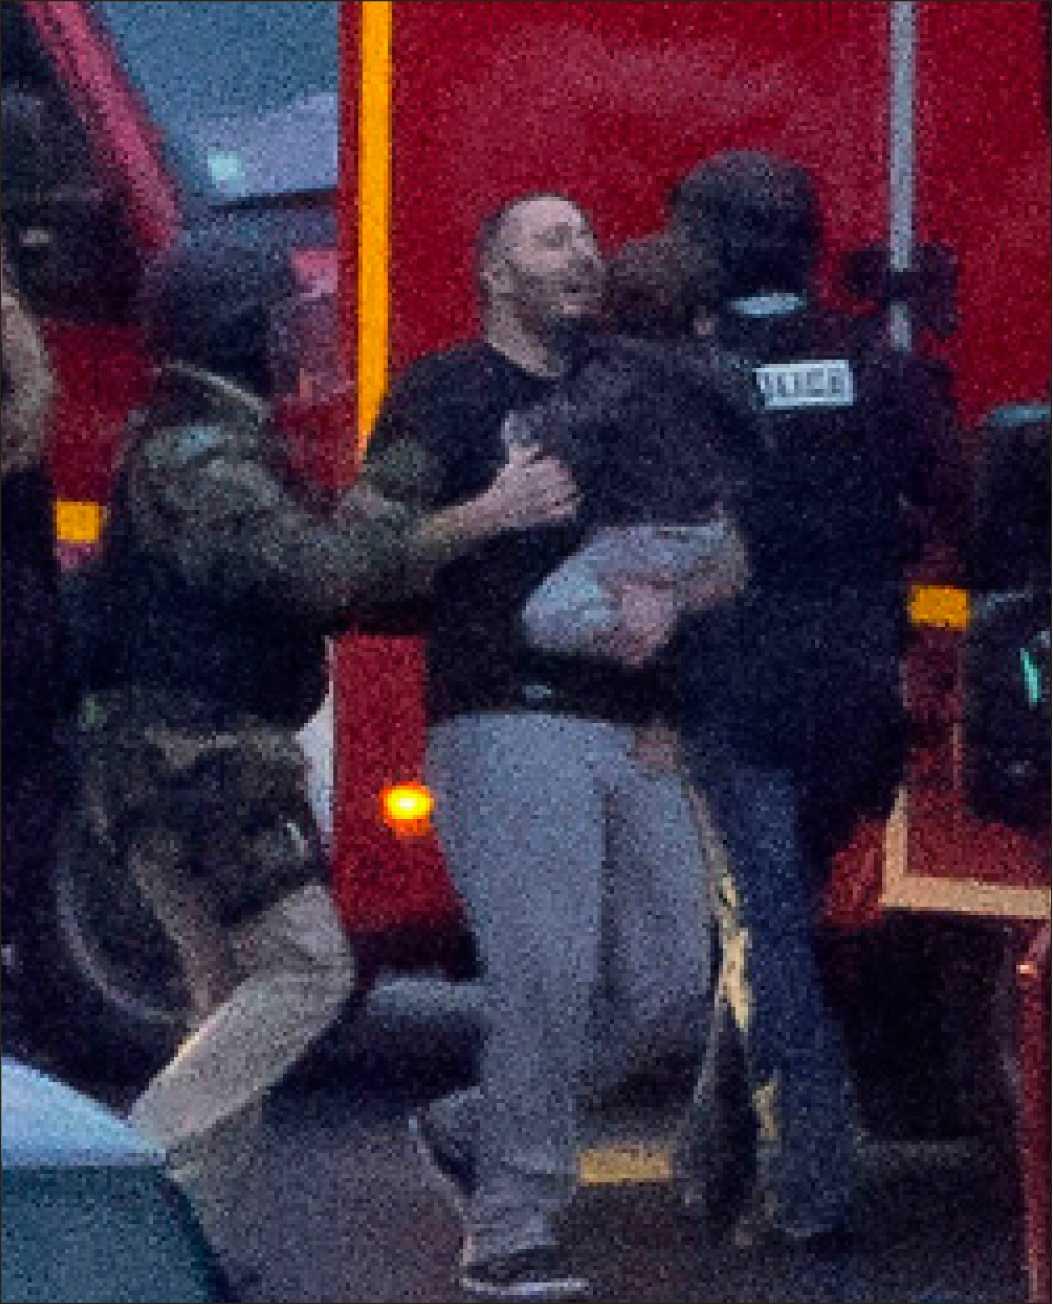 Gisslan fritas efter att Amedy Coulibaly hållit dem fågna i flera timmar i en kosherbutik i Paris. Coulibaly sköts till döds när fransk polis stormade butiken.